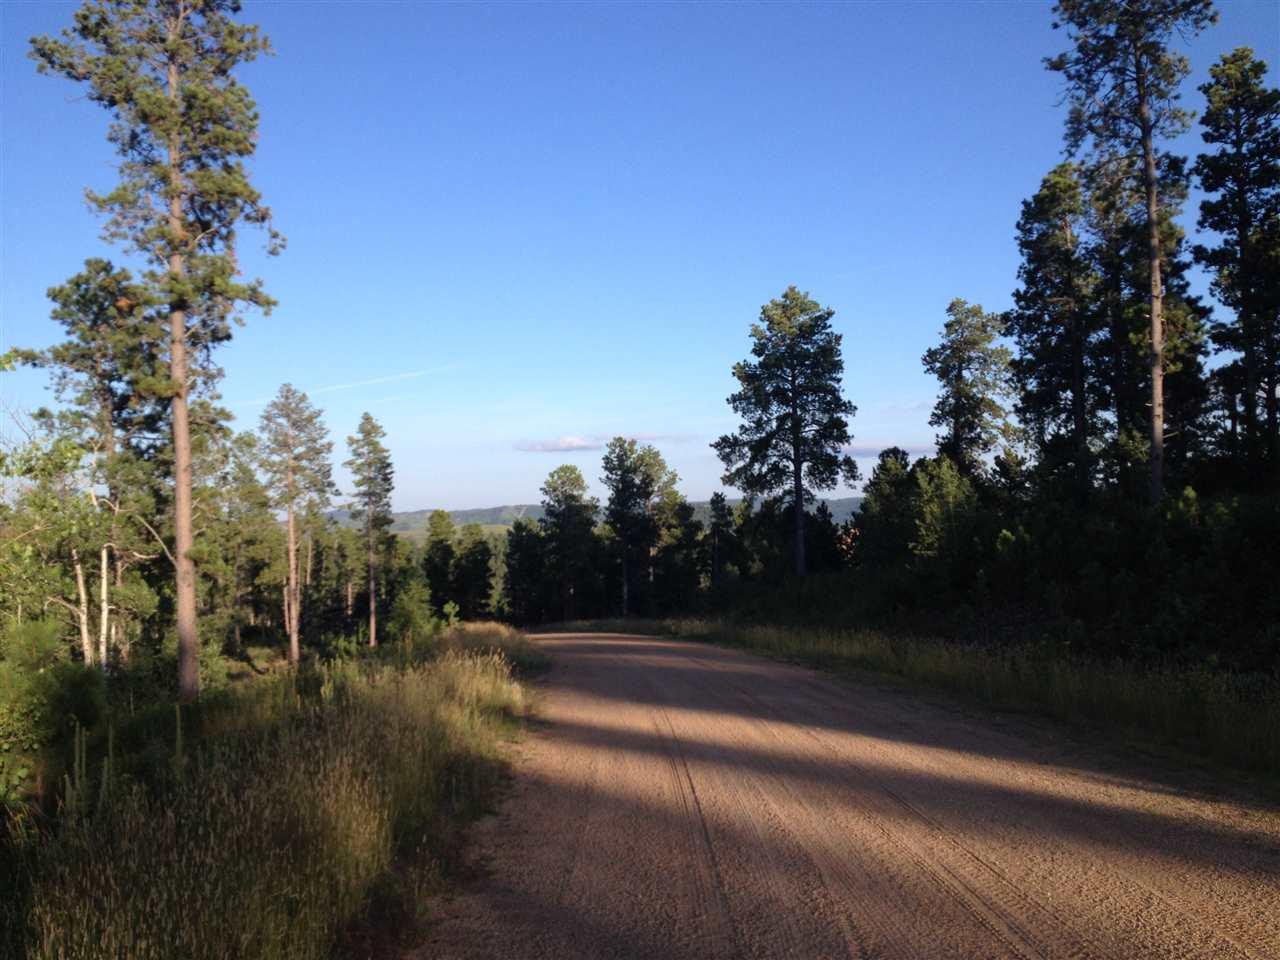 Morning Star Road